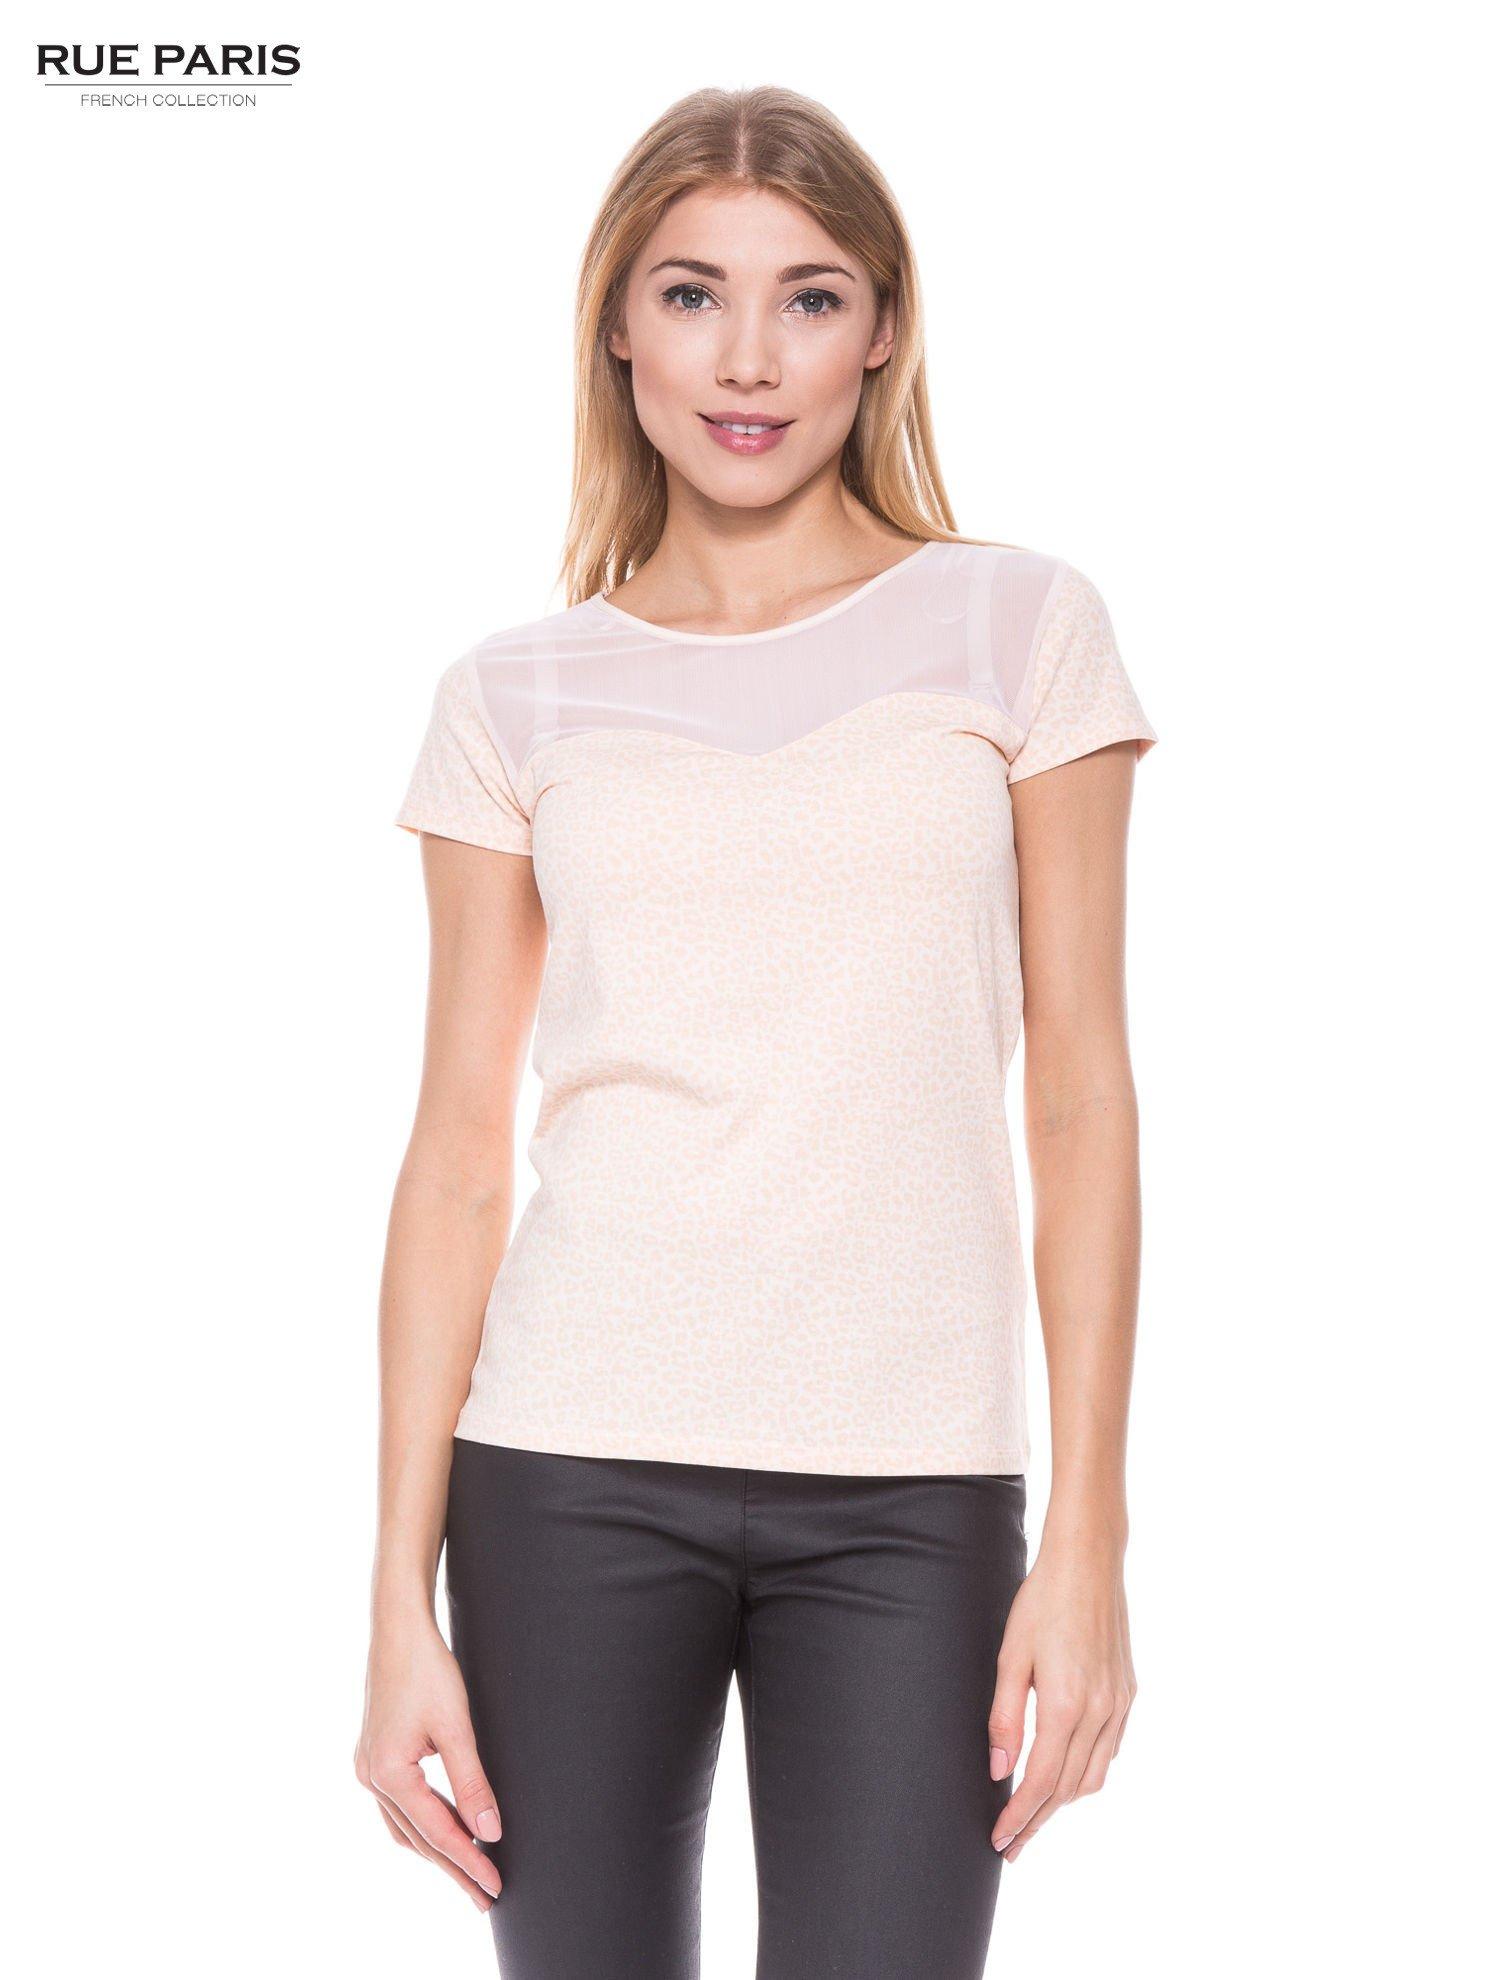 Jasnoróżowy panterkowy t-shirt z transparentnym karczkiem                                  zdj.                                  1